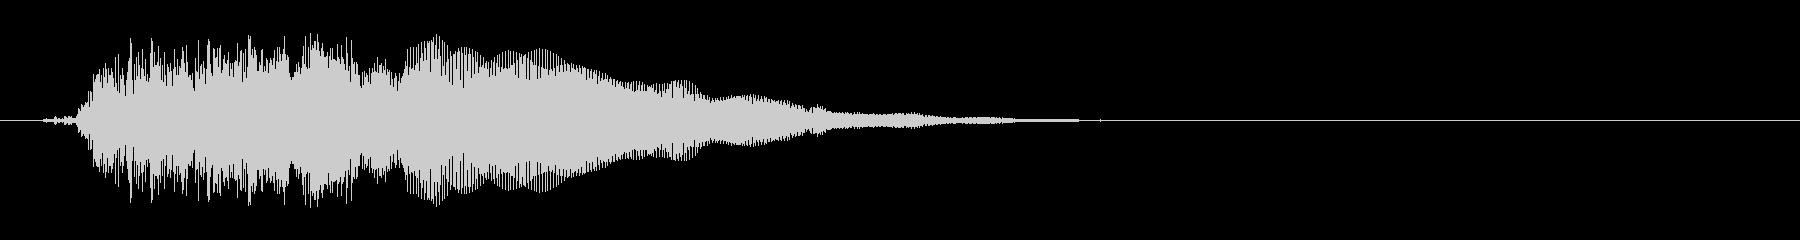 キュピーン(ロボット、起動、電源)の未再生の波形